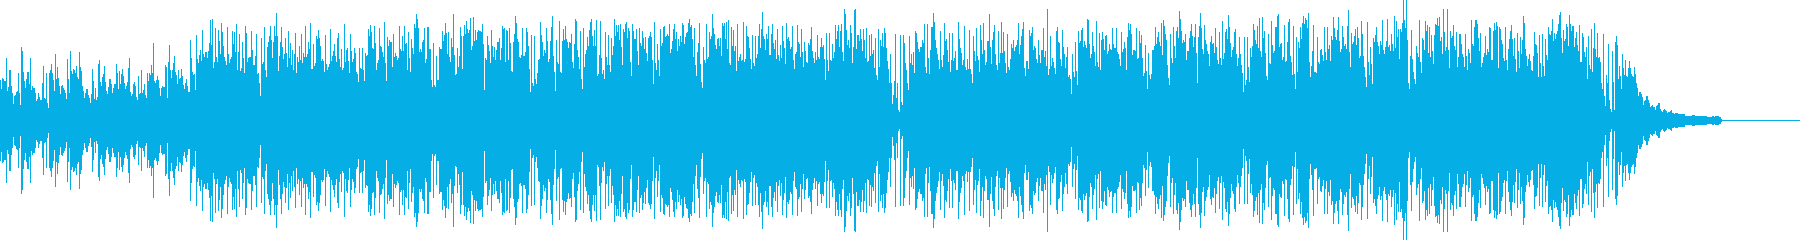 青い大海原をクルージングしているイメージの再生済みの波形